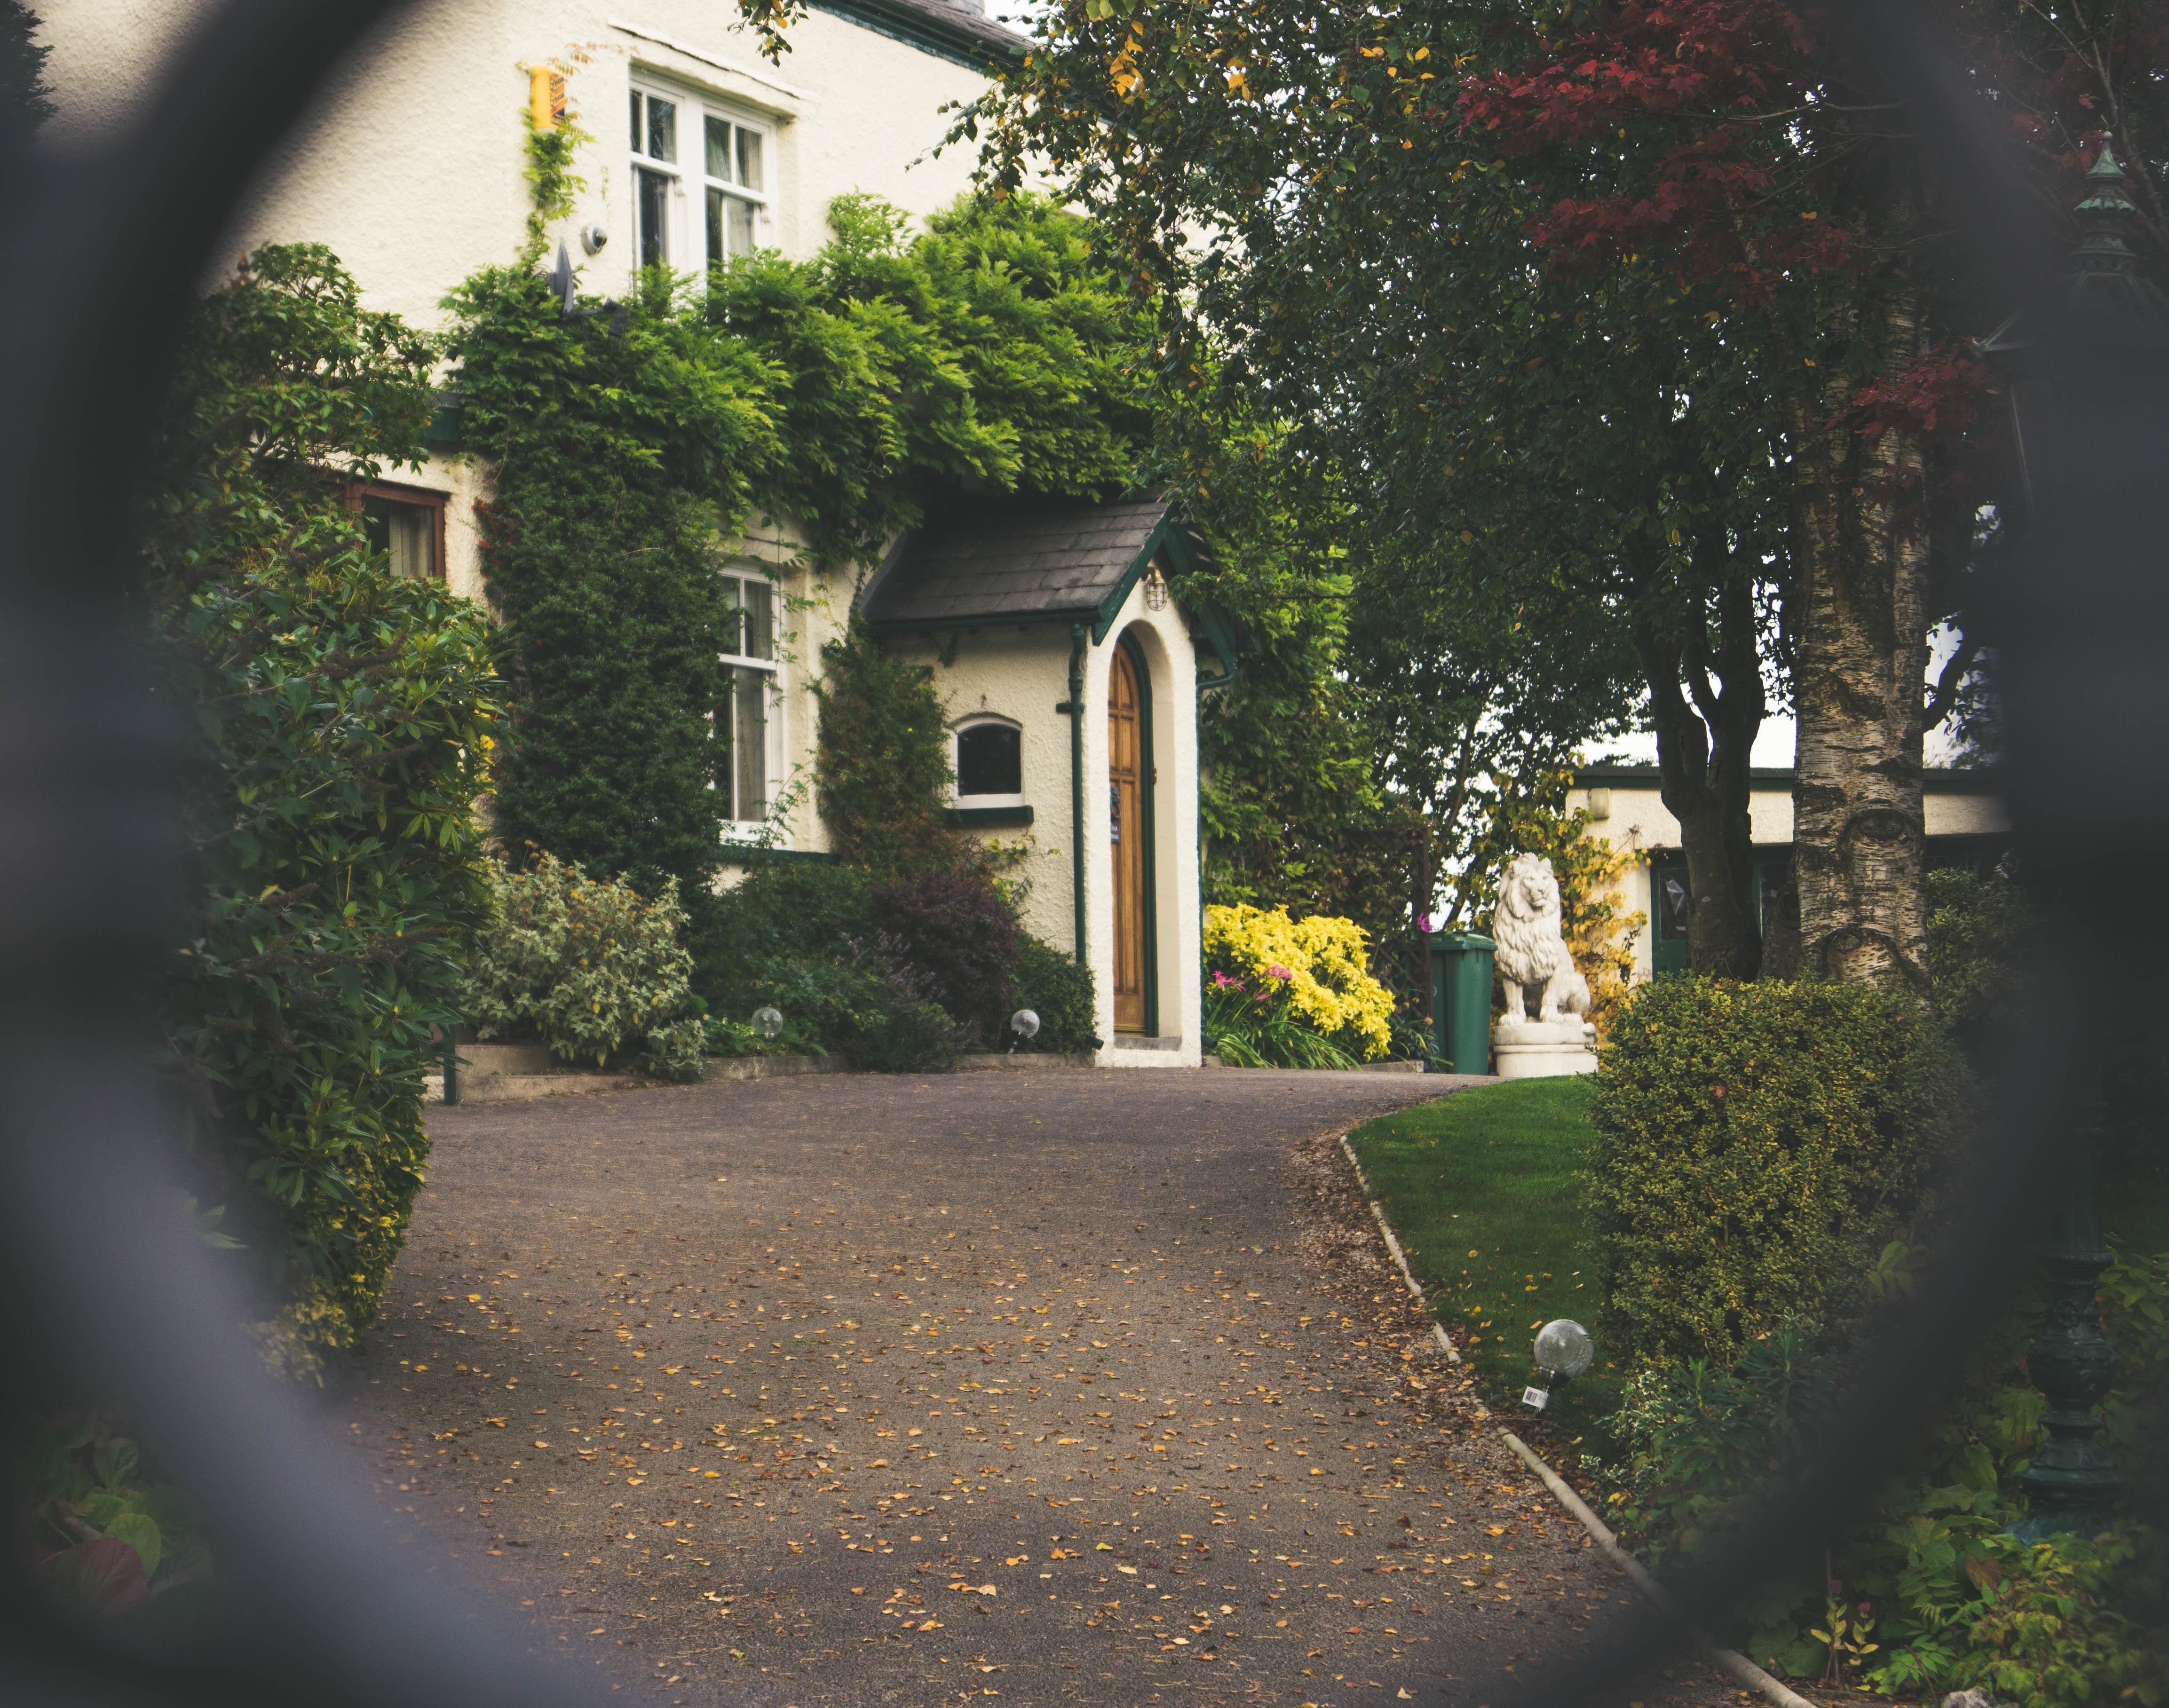 Kostenlose foto : Landschaft, Baum, Gras, Zaun, Straße, Weiß, Rasen ...